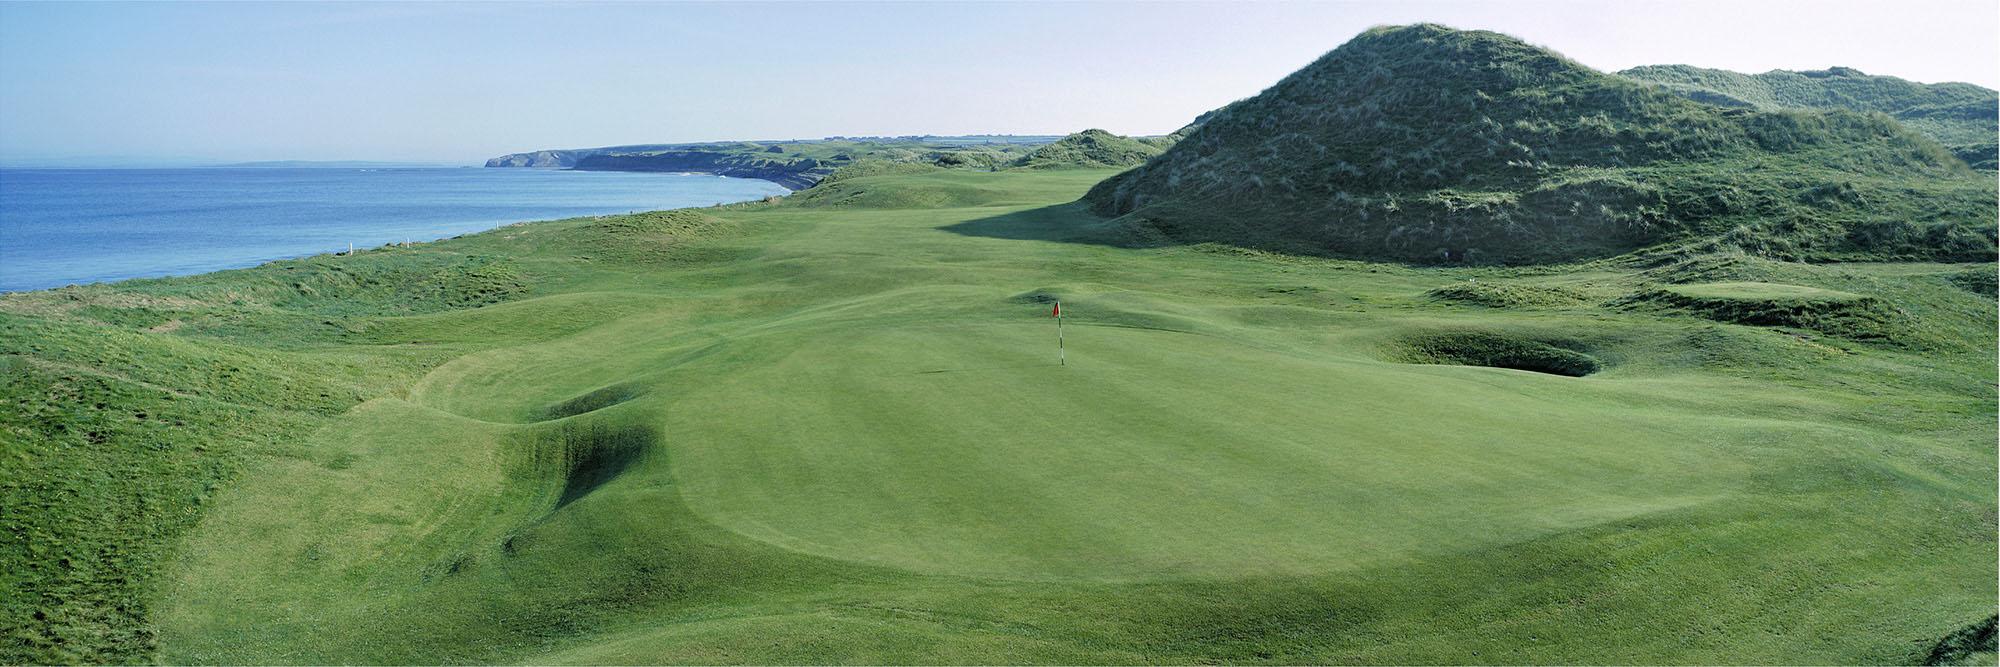 Golf Course Image - Ballybunion No. 17